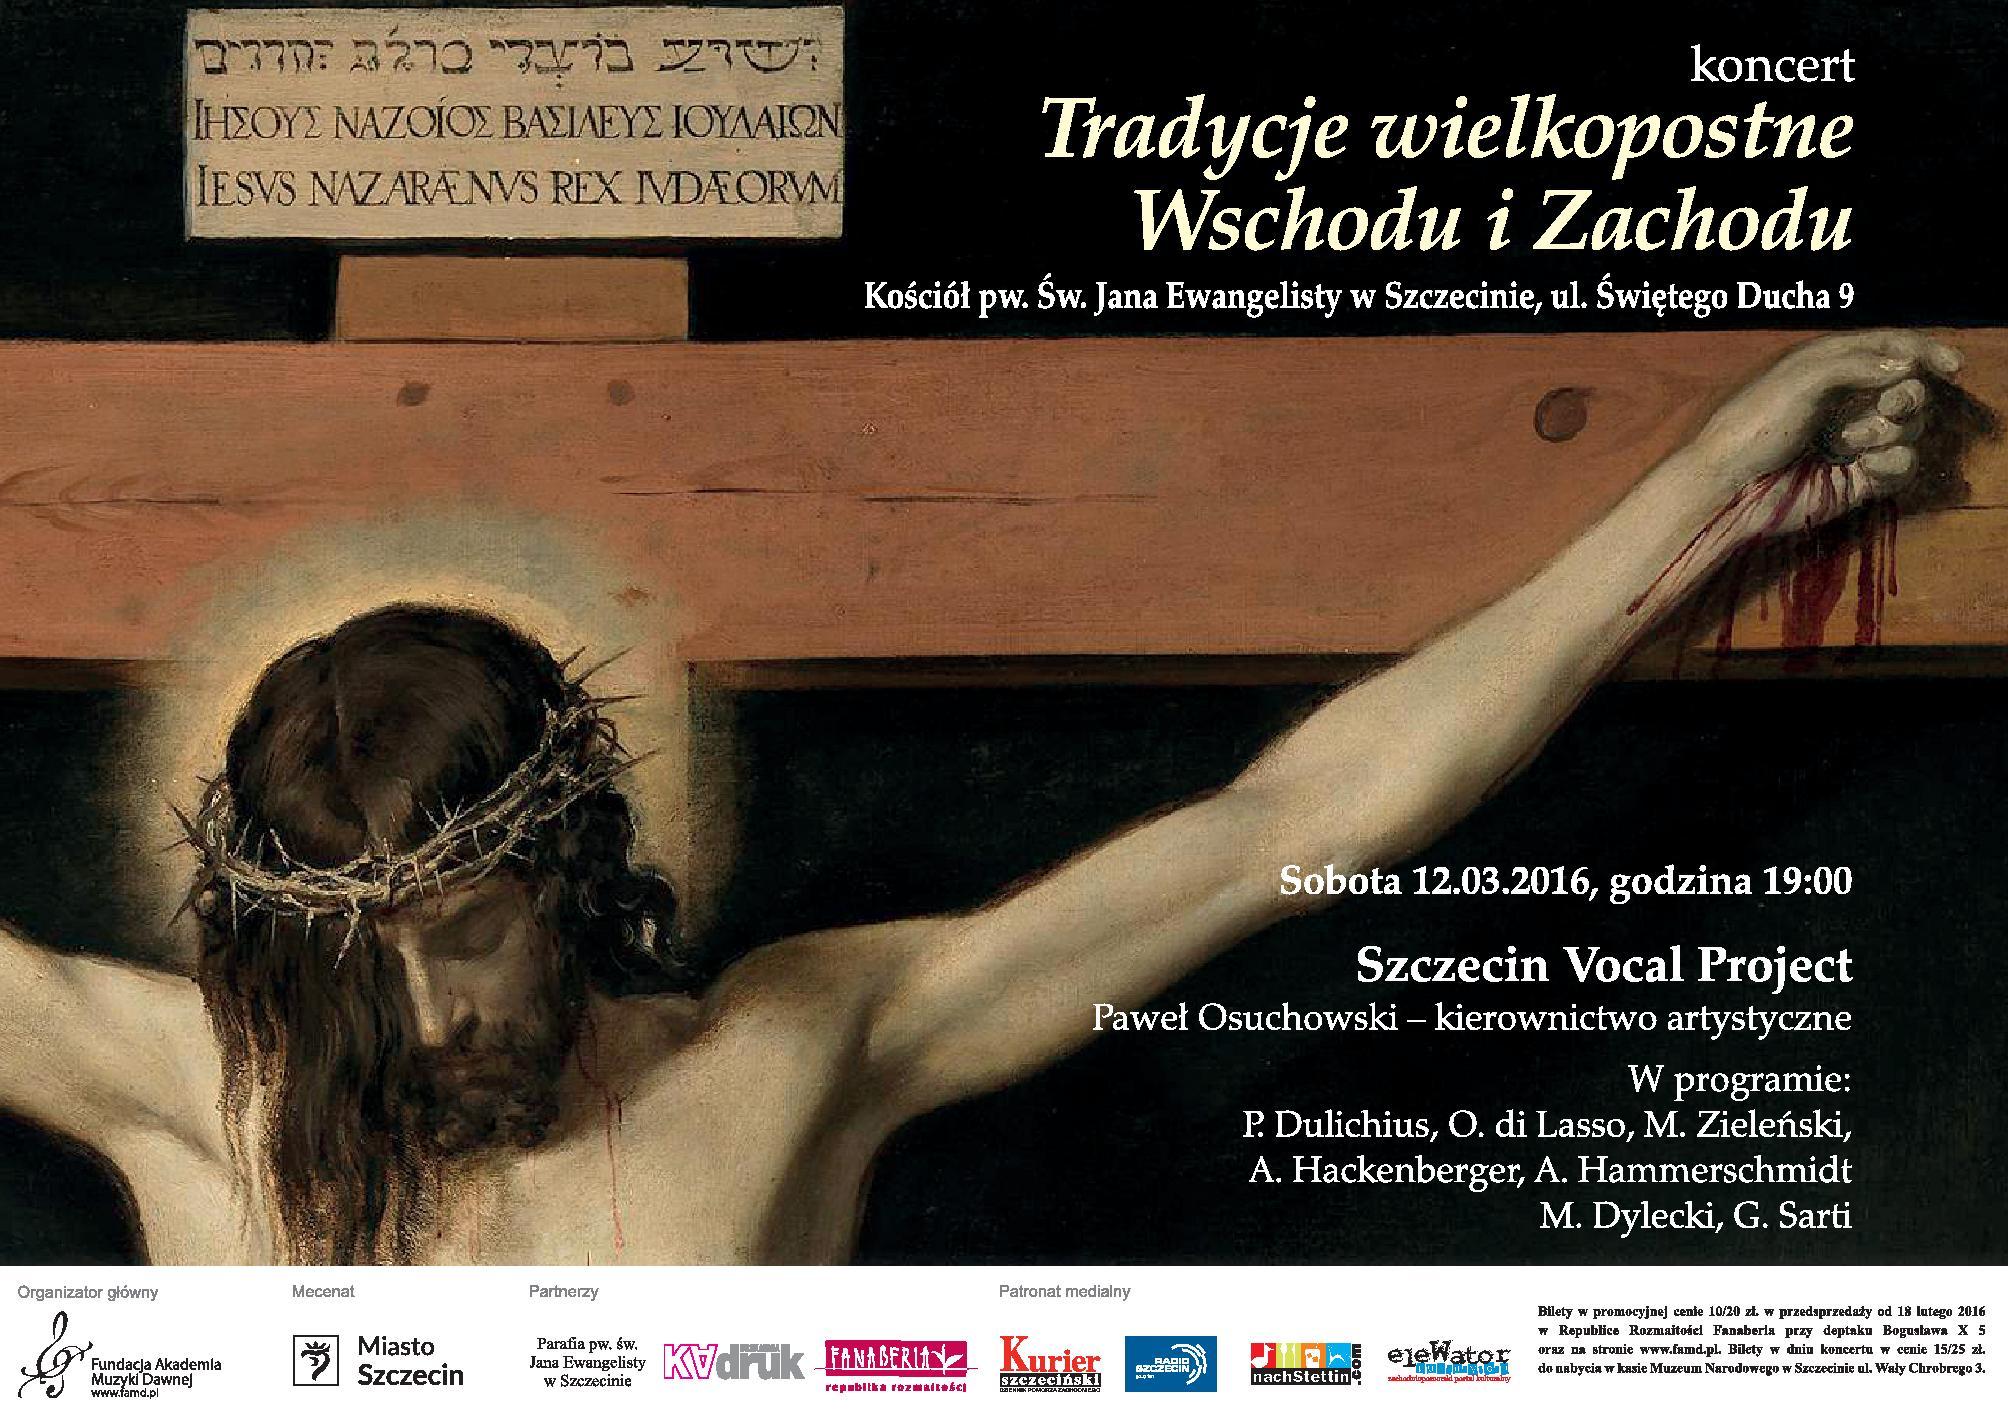 Tradycje wielkopostne Wschodu i Zachodu w wykonaniu Szczecin Vocal Project, Paweł Osuchowski